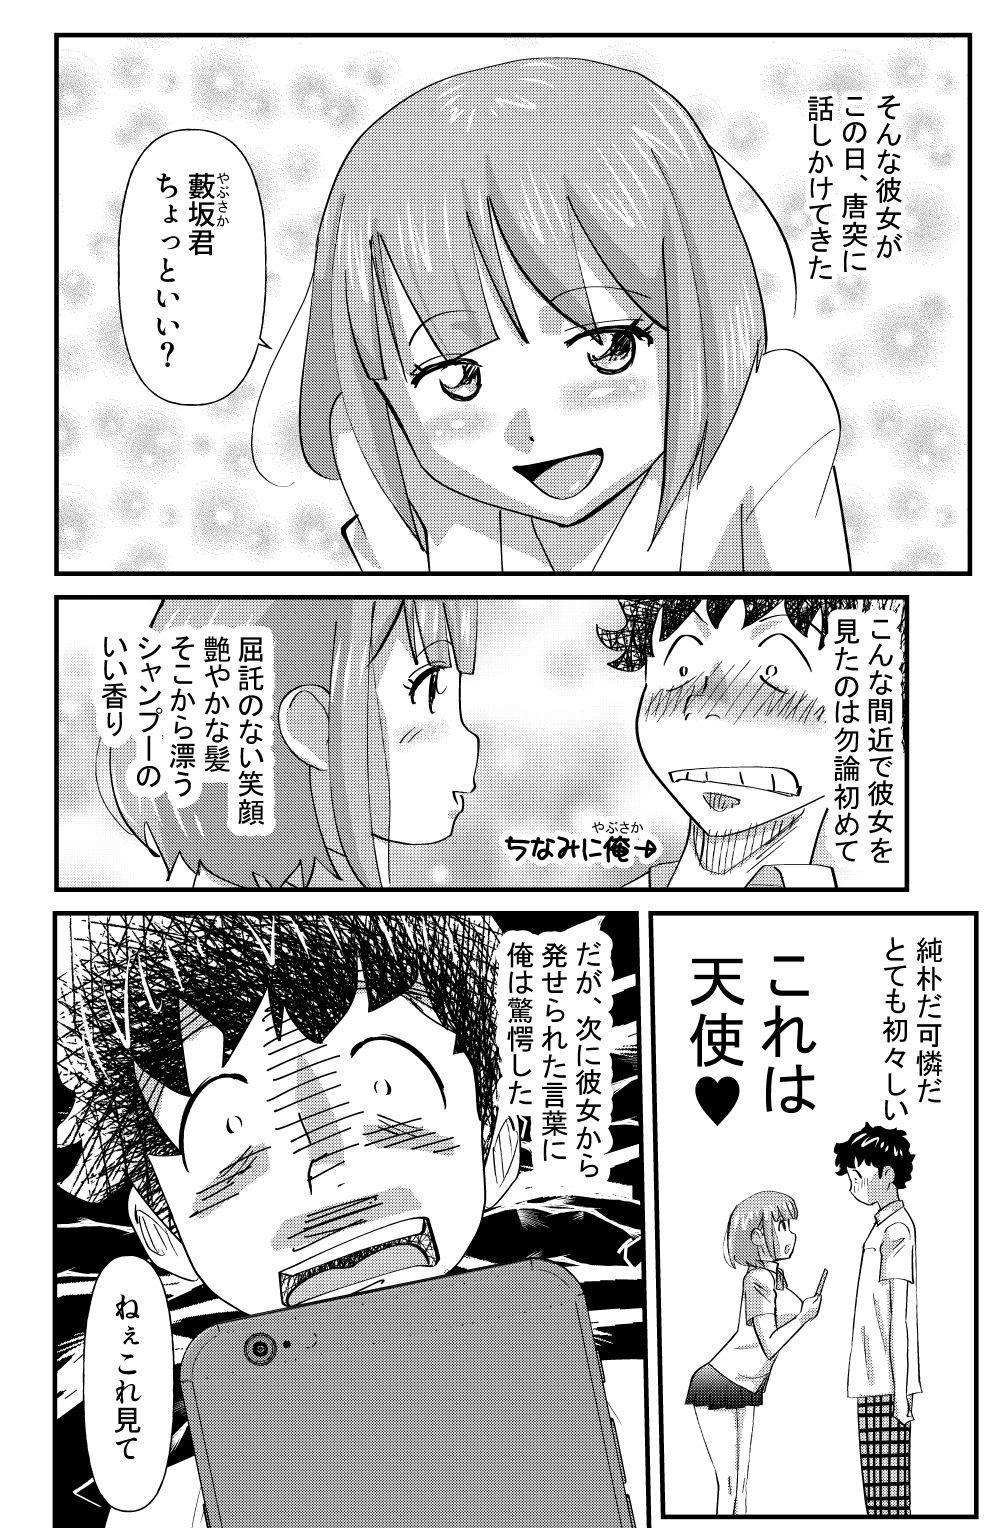 Otonashii-kei Joshi Mukai Honoka no Nichijou o Shitta Toki... 1